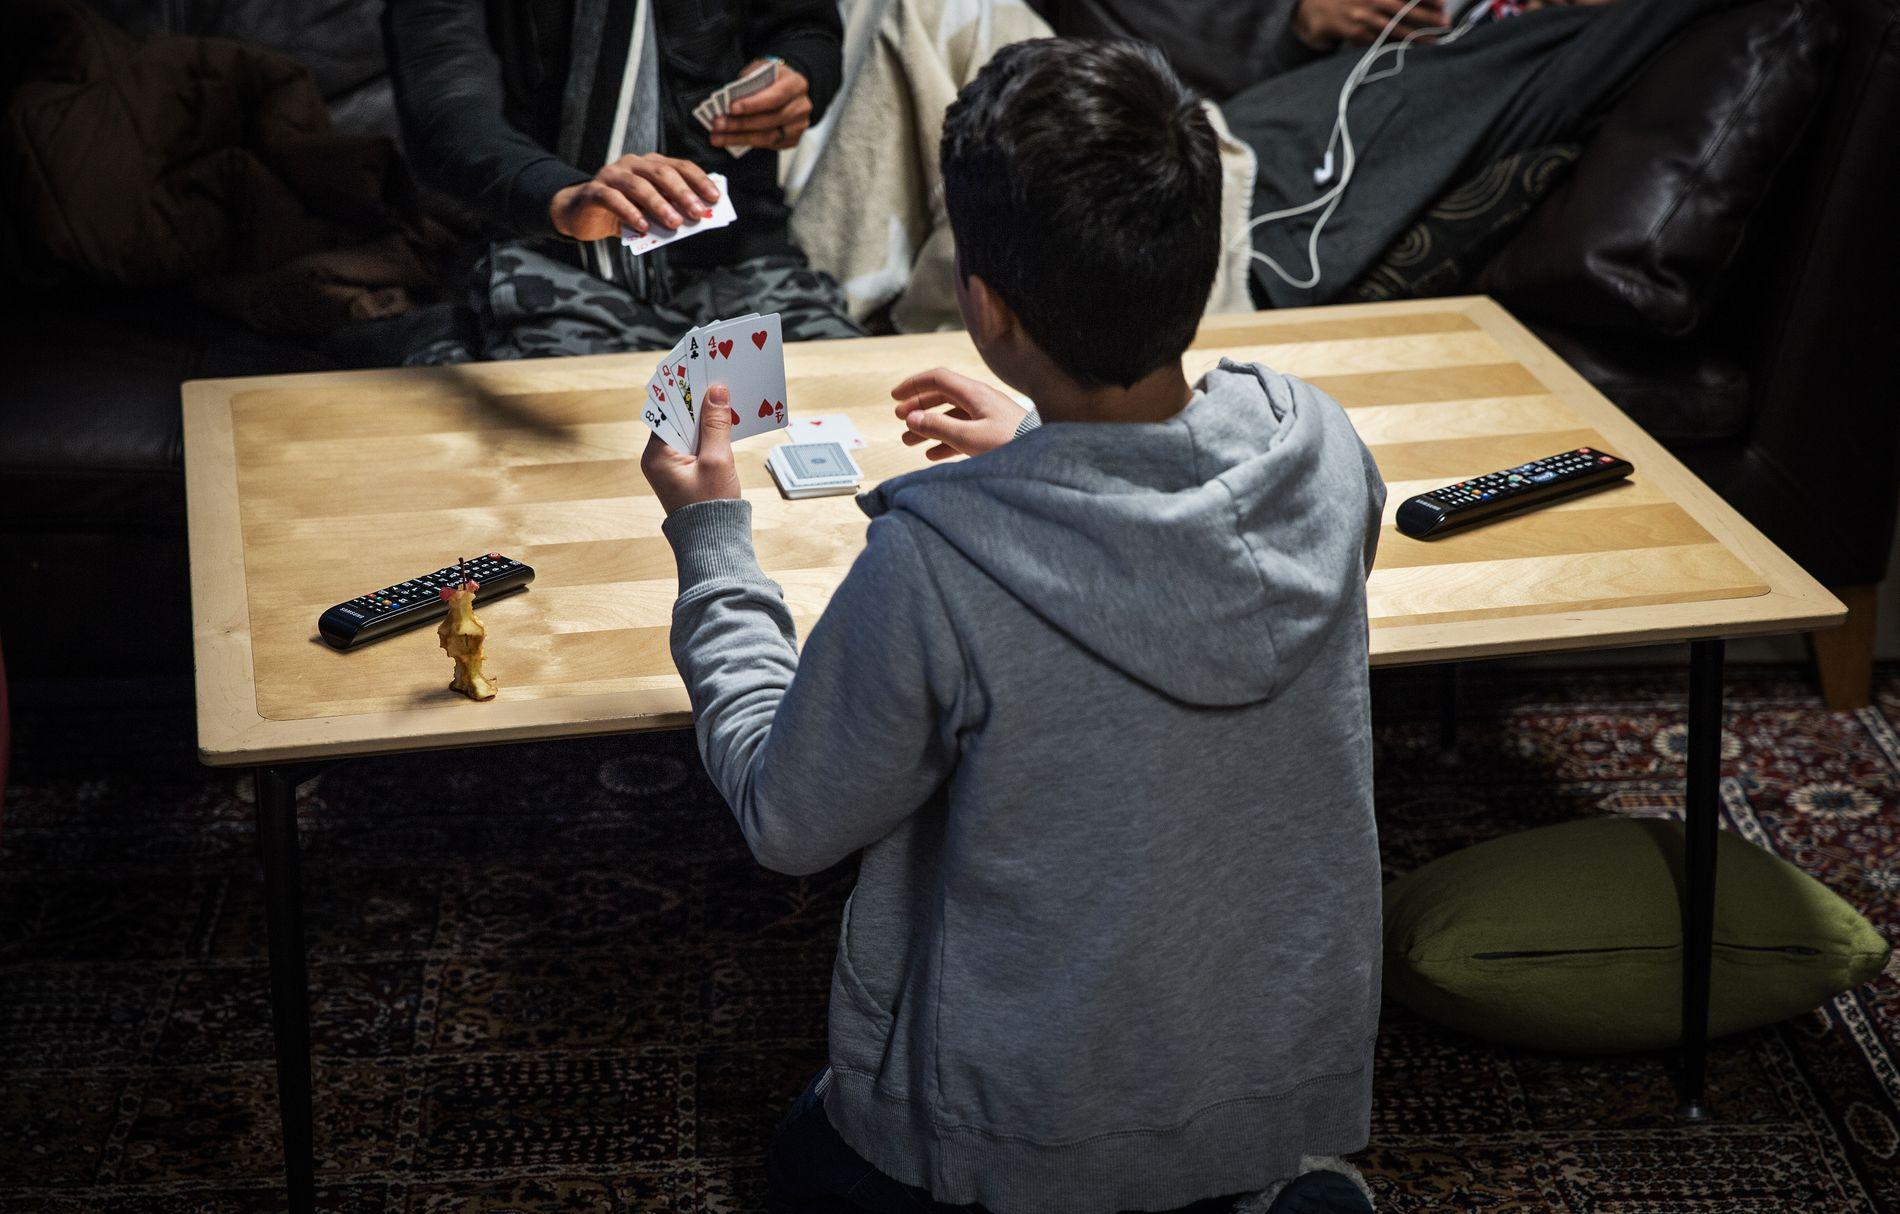 KORTSPILL: Enslige mindreårige asylsøkere får tiden til å gå på omsorgssenteret i Gjøvik. Bildet er tatt under et besøk i januar.